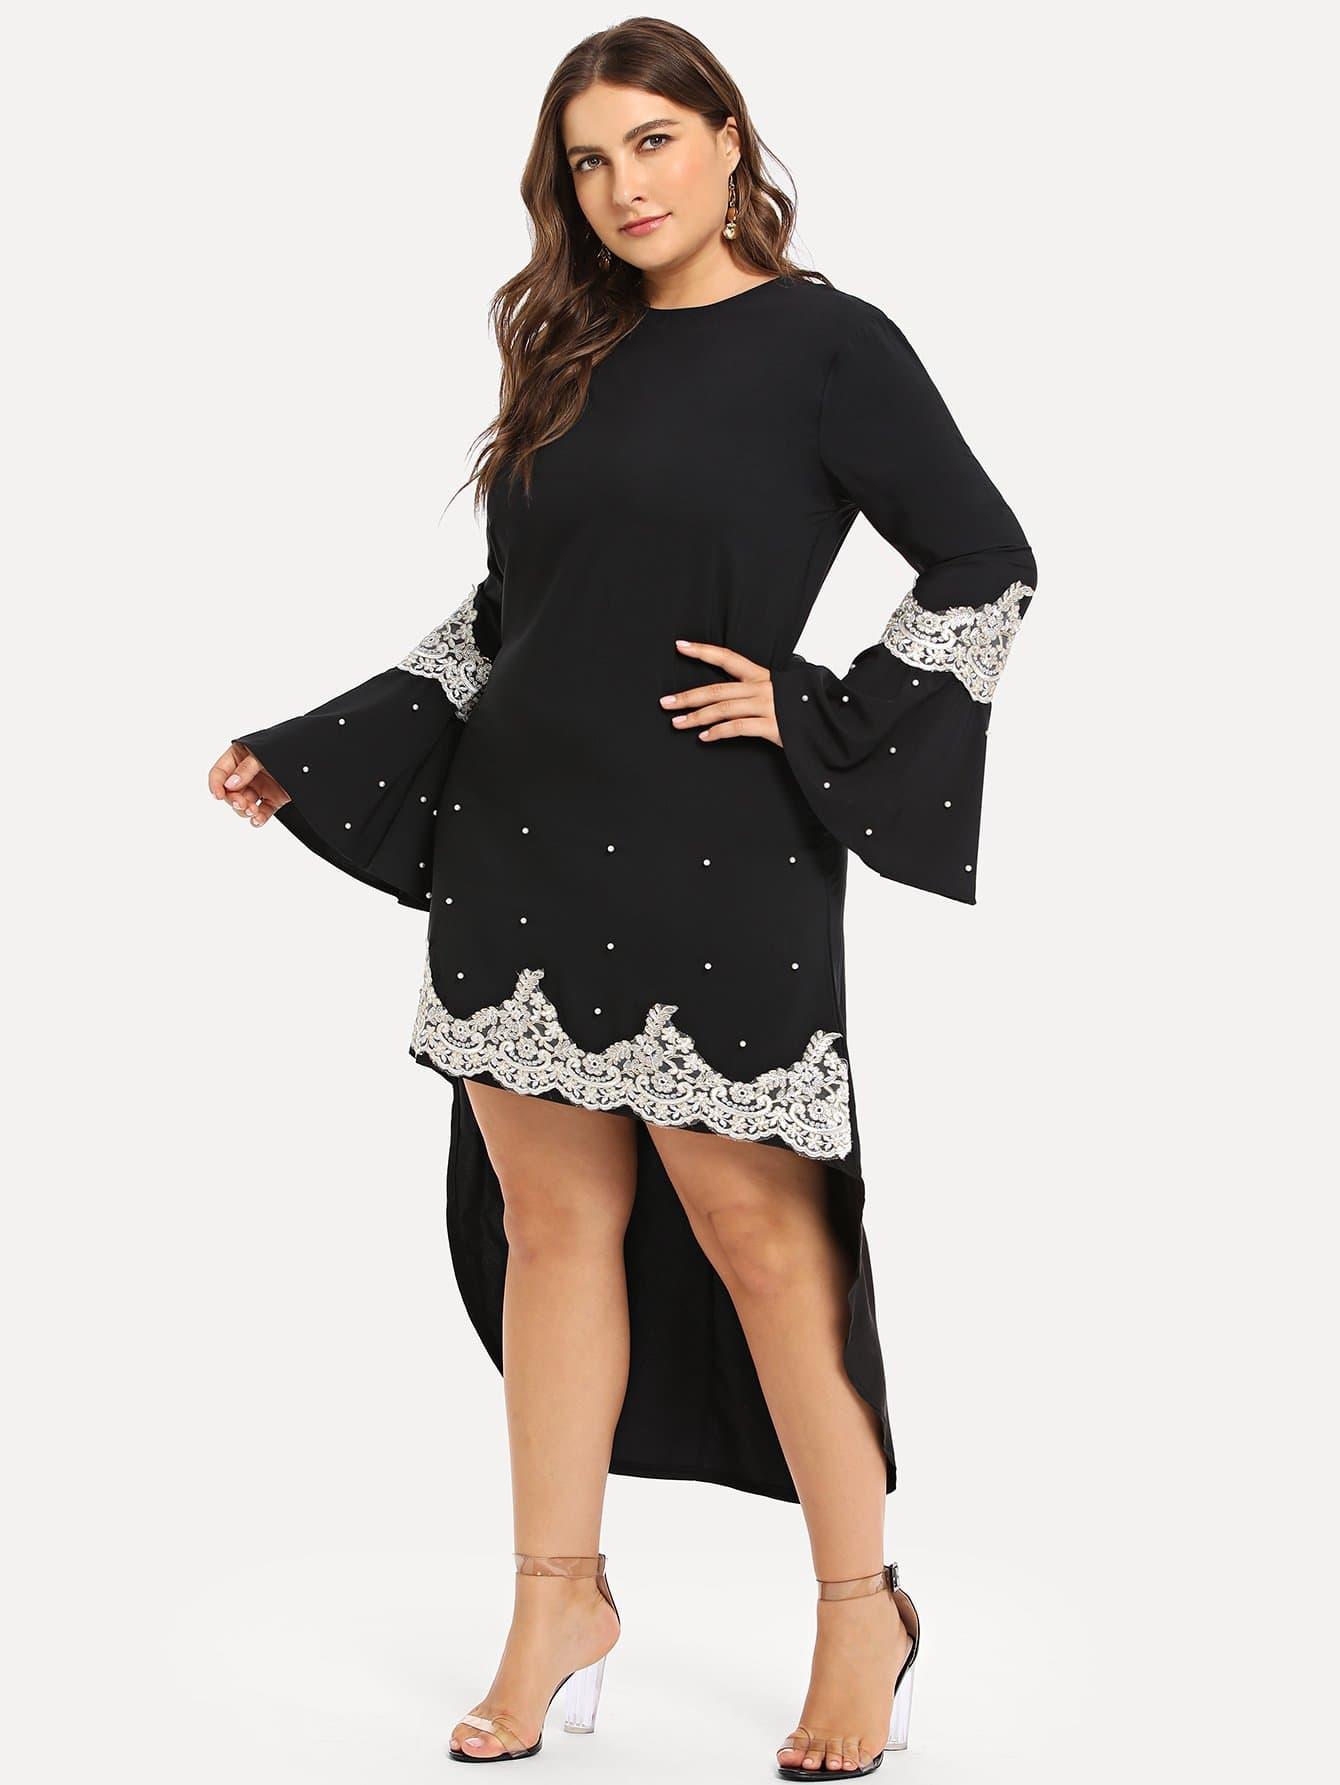 Купить Большое асимметричное платье со симметрическими кружевами, Franziska, SheIn